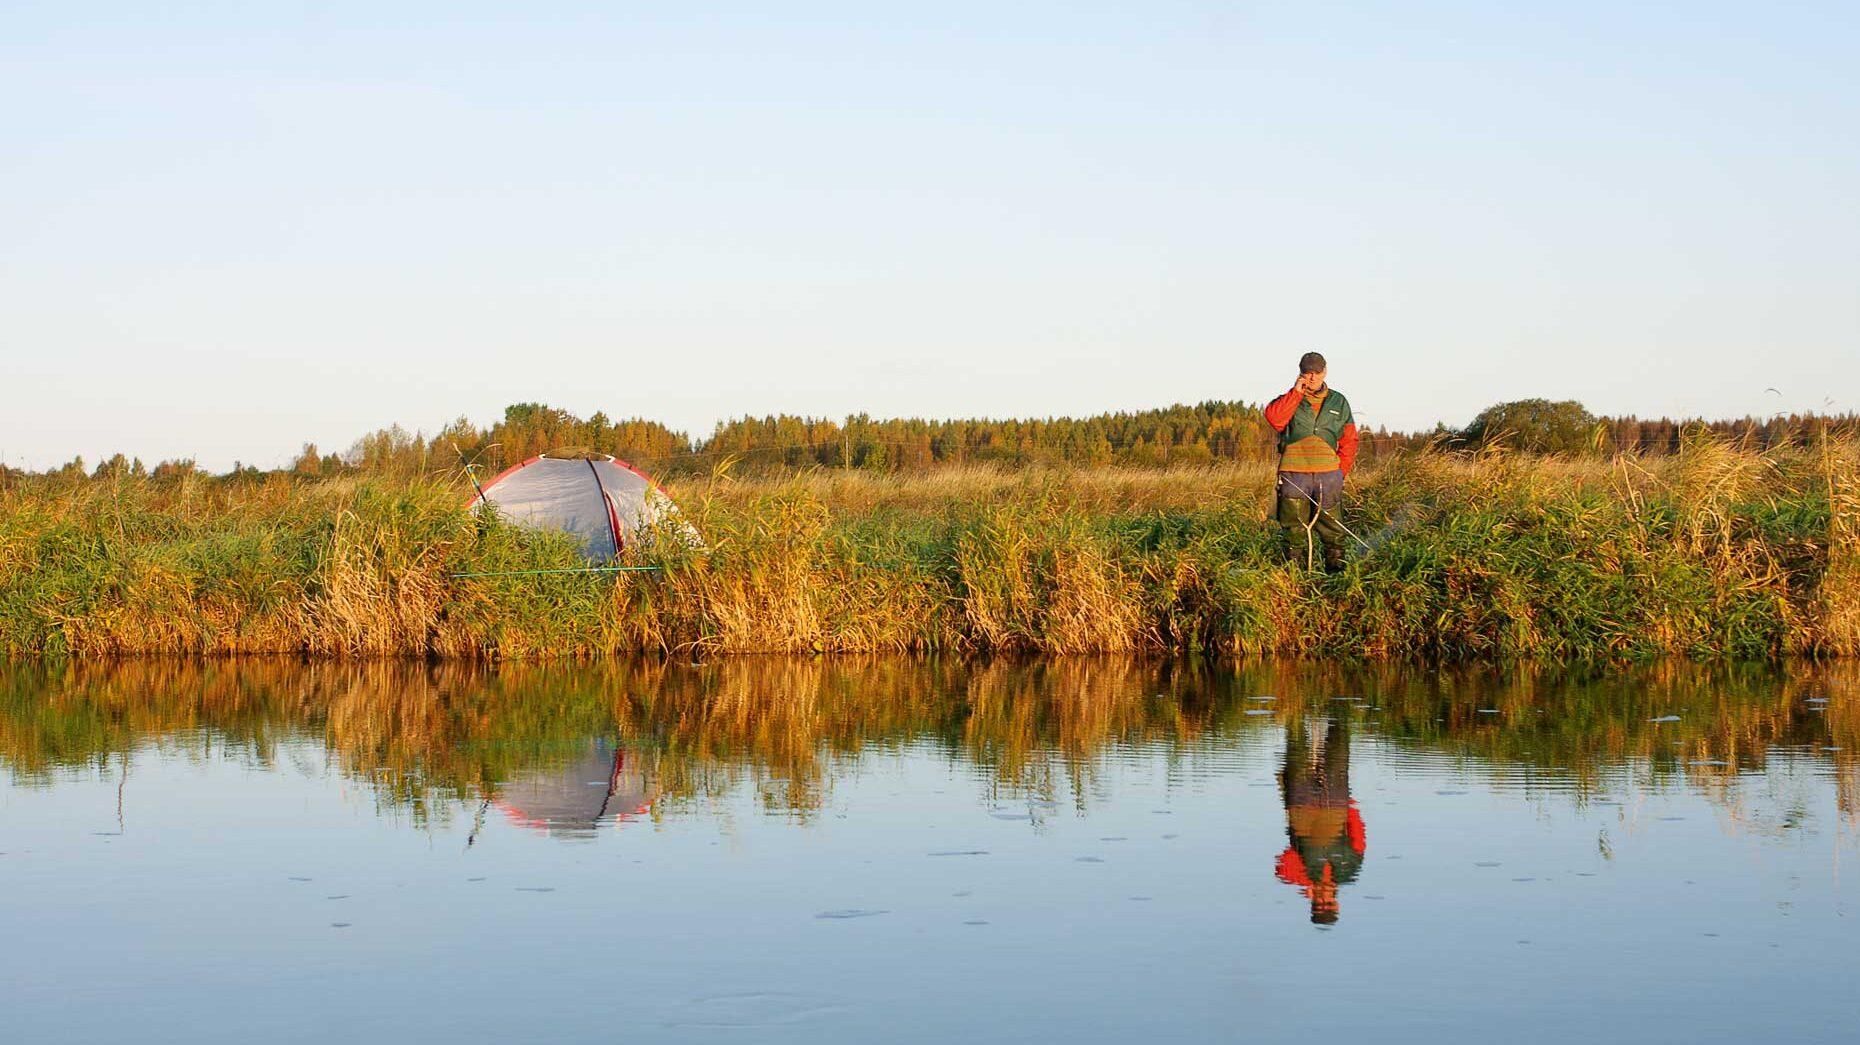 Suur-Emajõe ülemjooks jääb Alam-Pedja looduskaitsealale, kus telkimine ja lõkke tegemine on lubatud üksnes selleks ettevalmistatud ja tähistatud kohtades. Foto: Ralf Mae